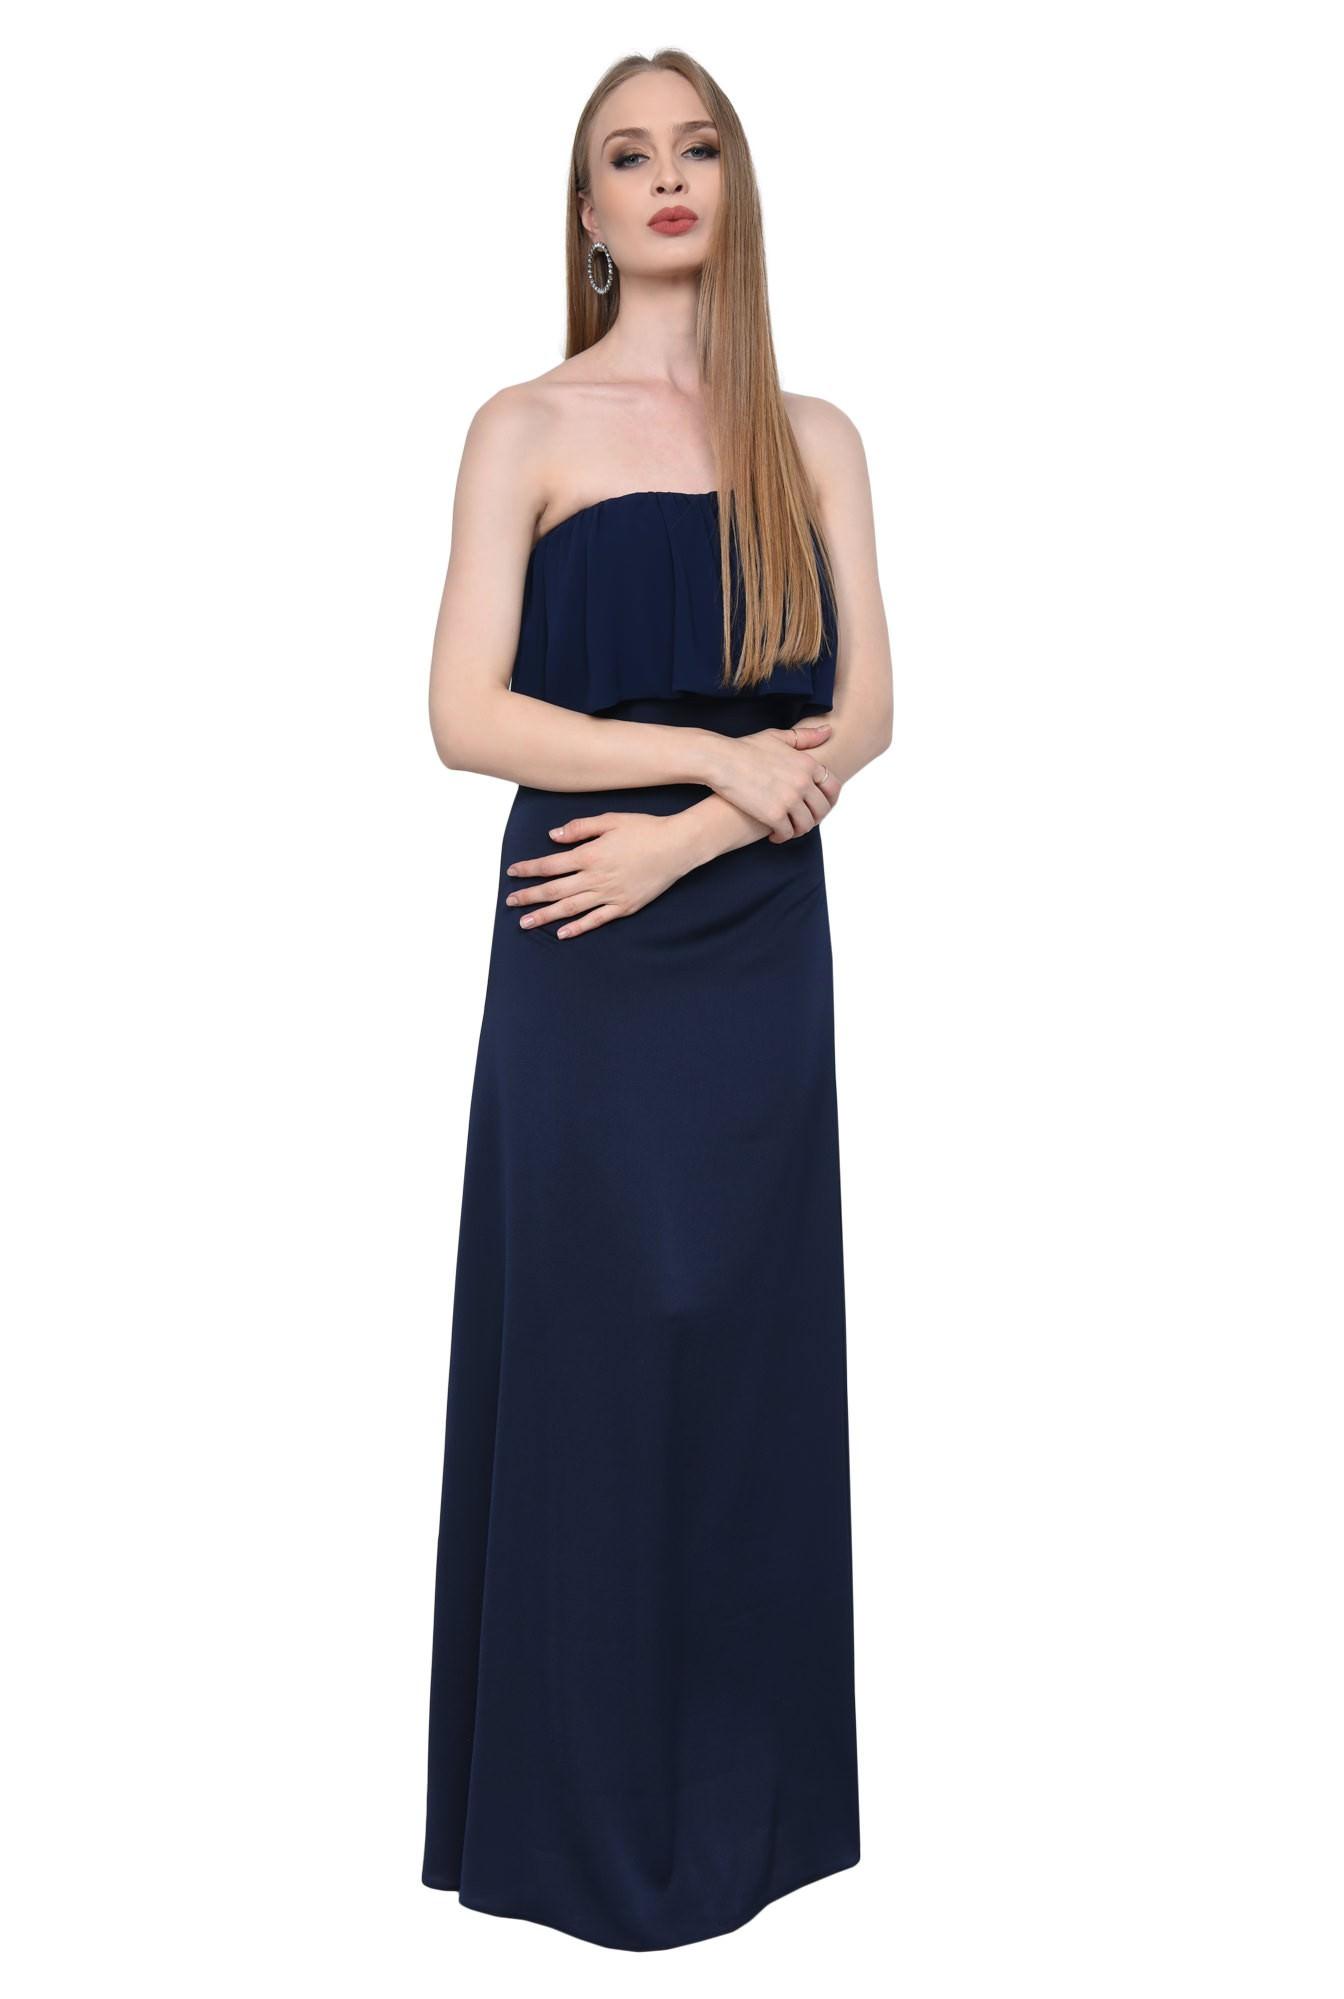 0 - Rochie eleganta lunga, bleumarin